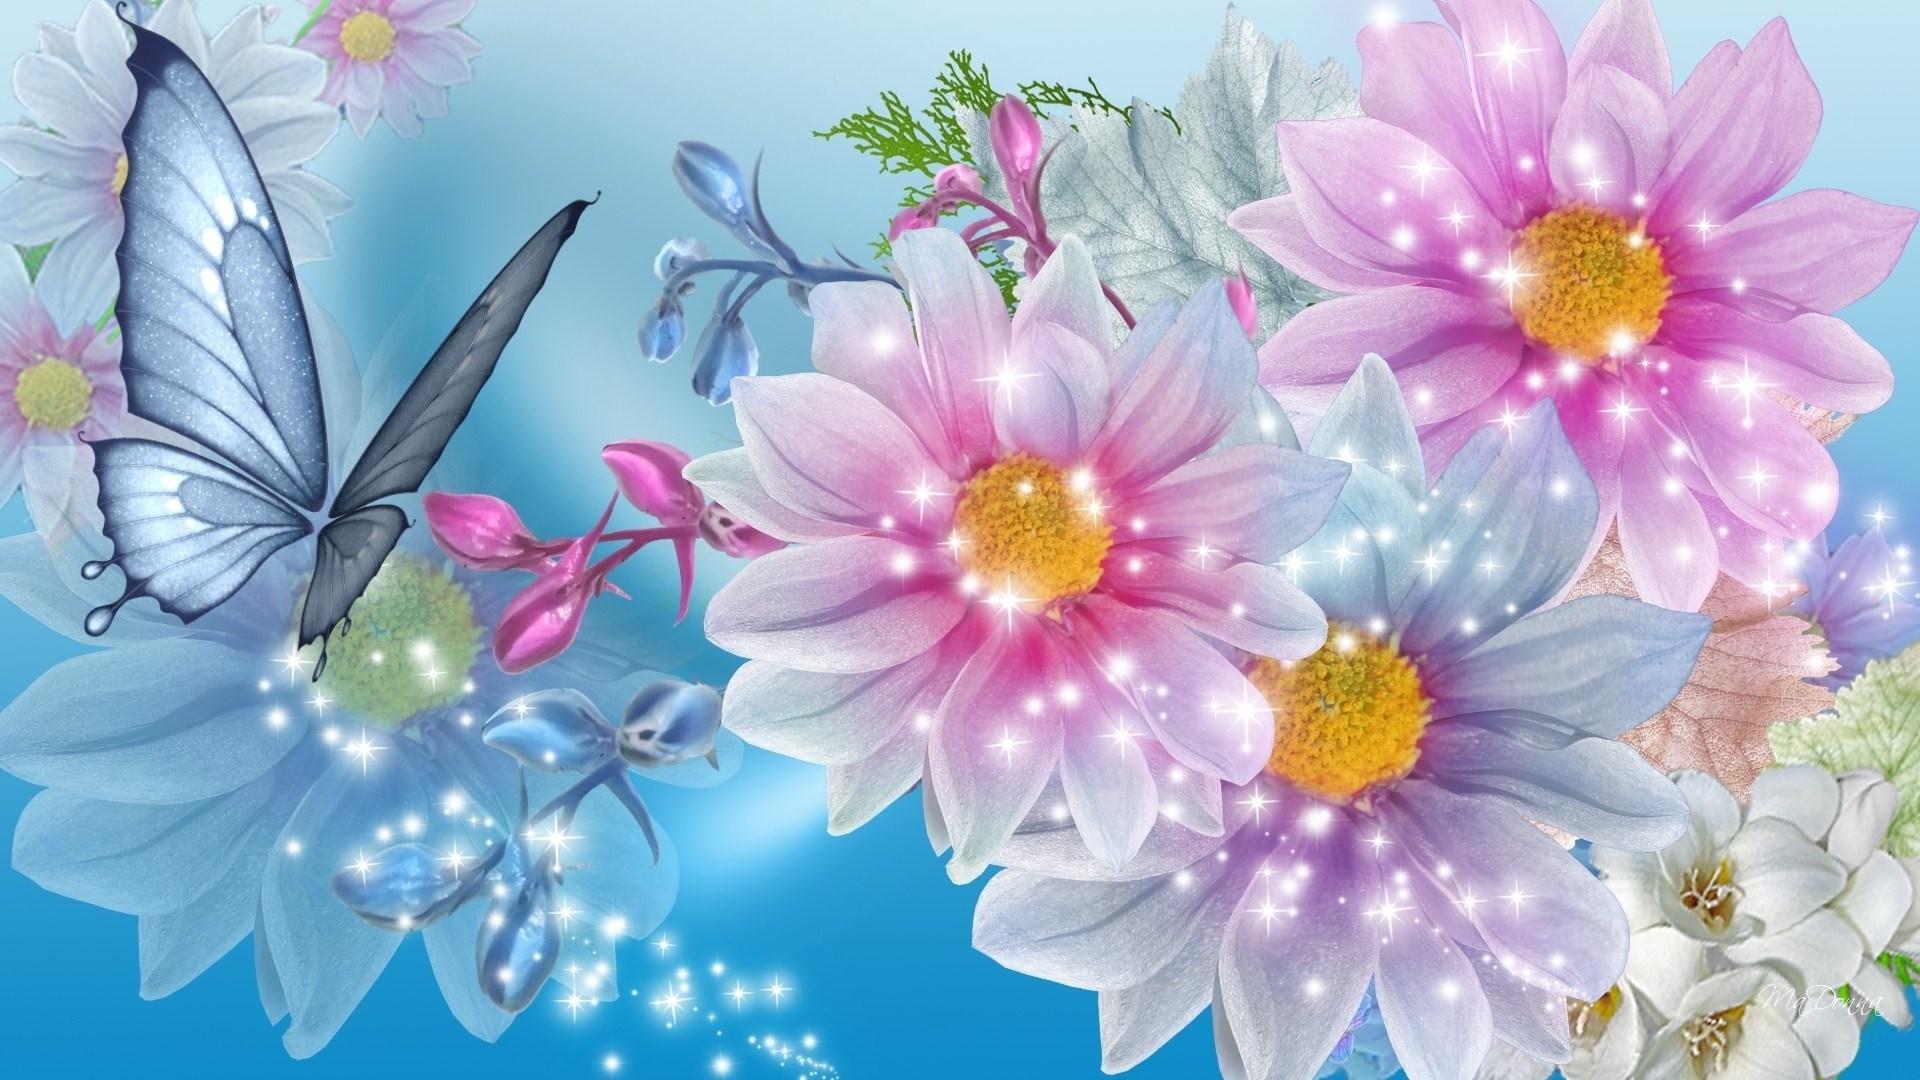 Обои на рабочий стол Цветы хризантемы   подборка (5)